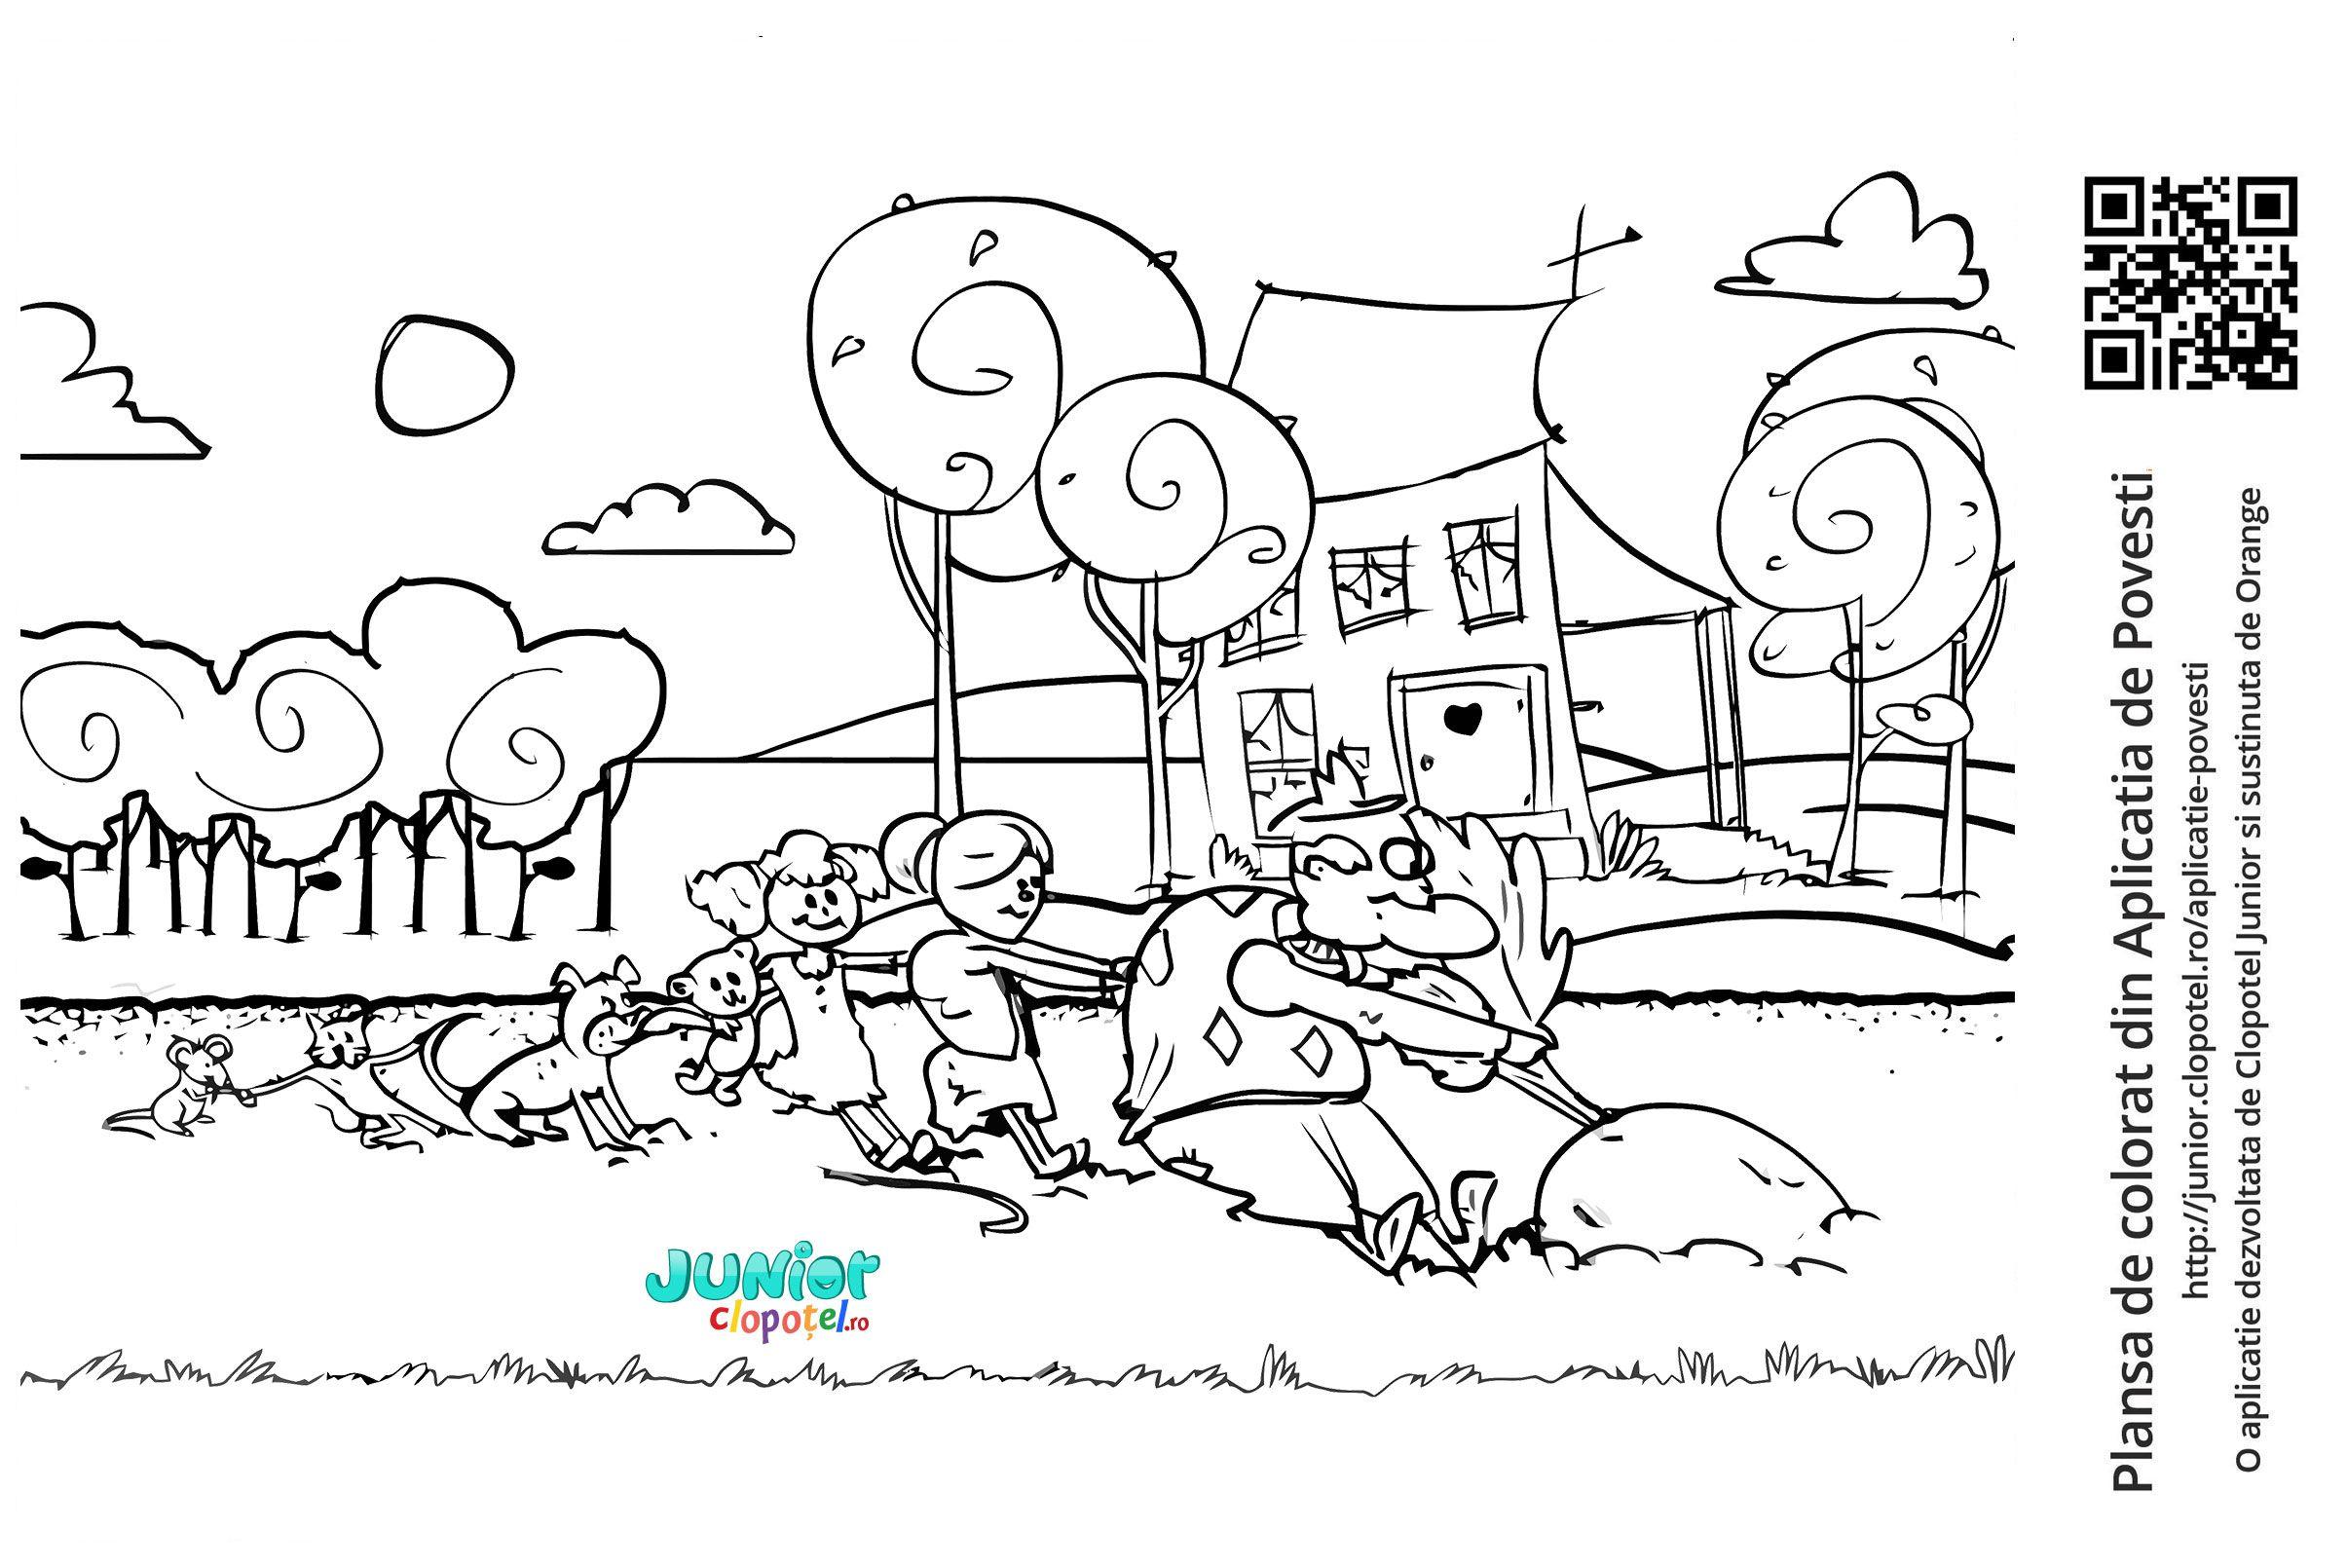 Imagini Pentru Desene De Colorat Ridichea Uriasa Desene